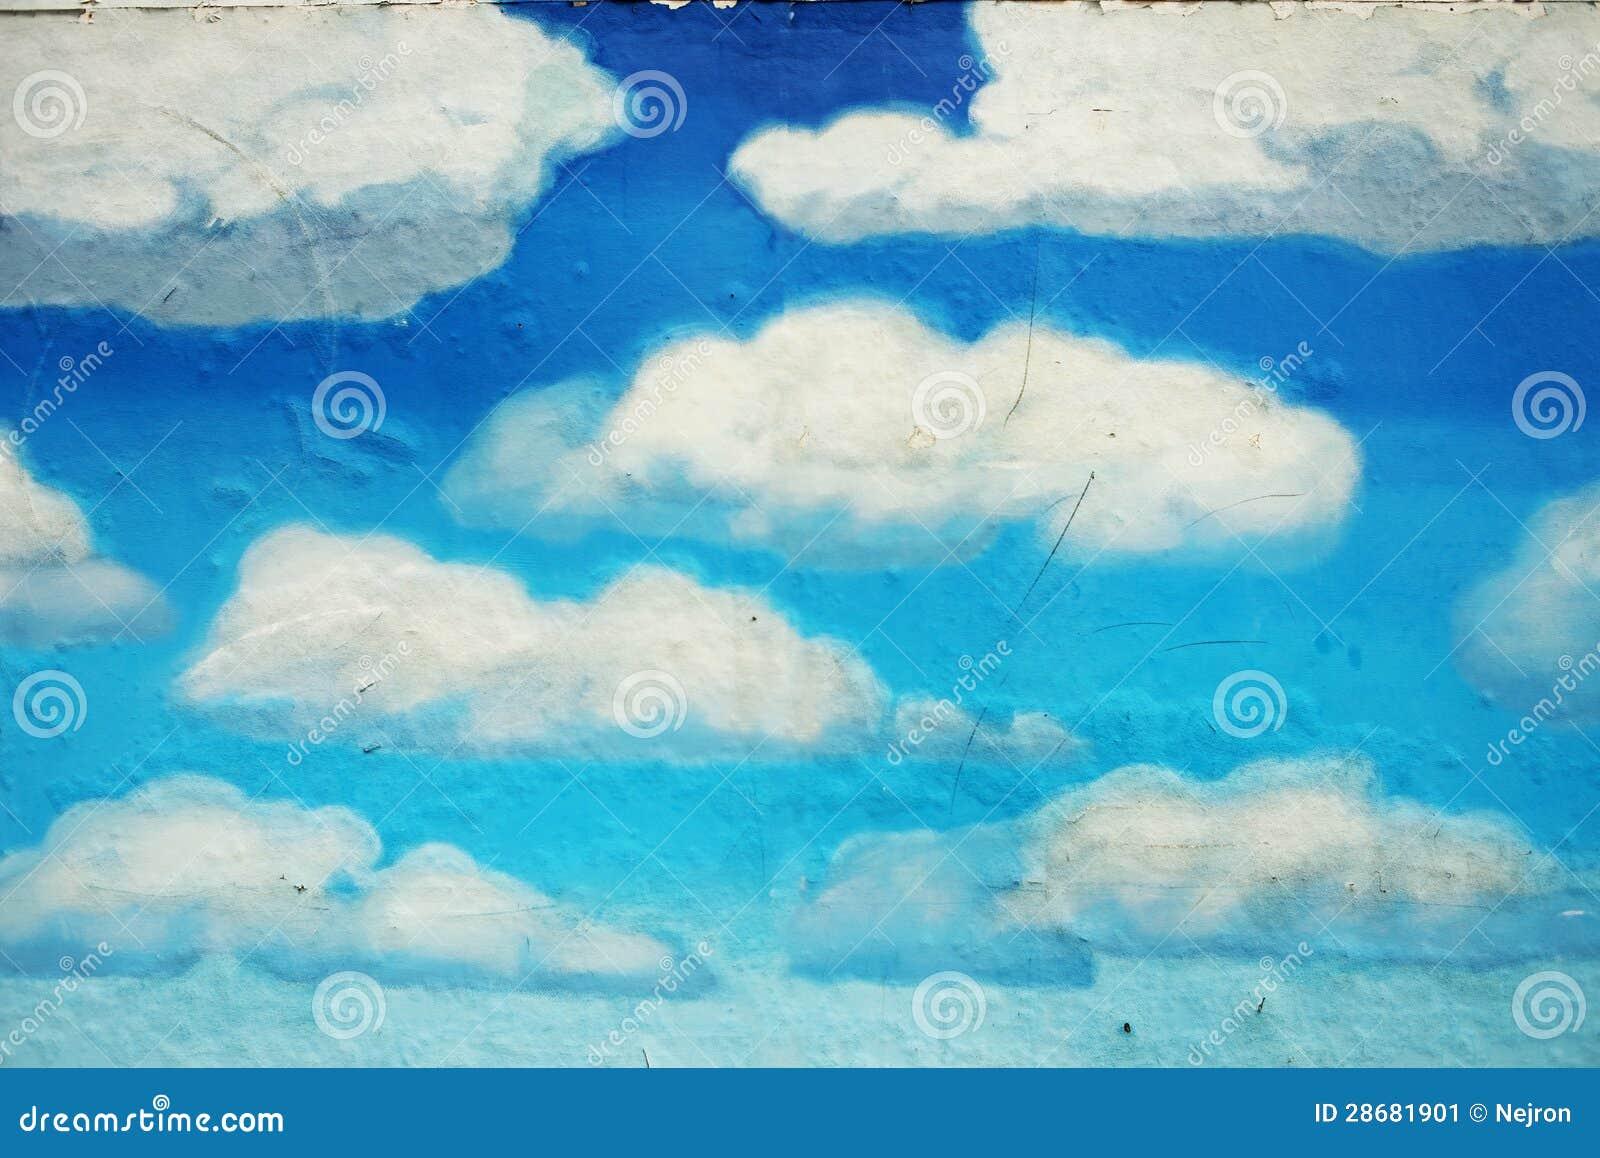 Как нарисовать облака своими руками